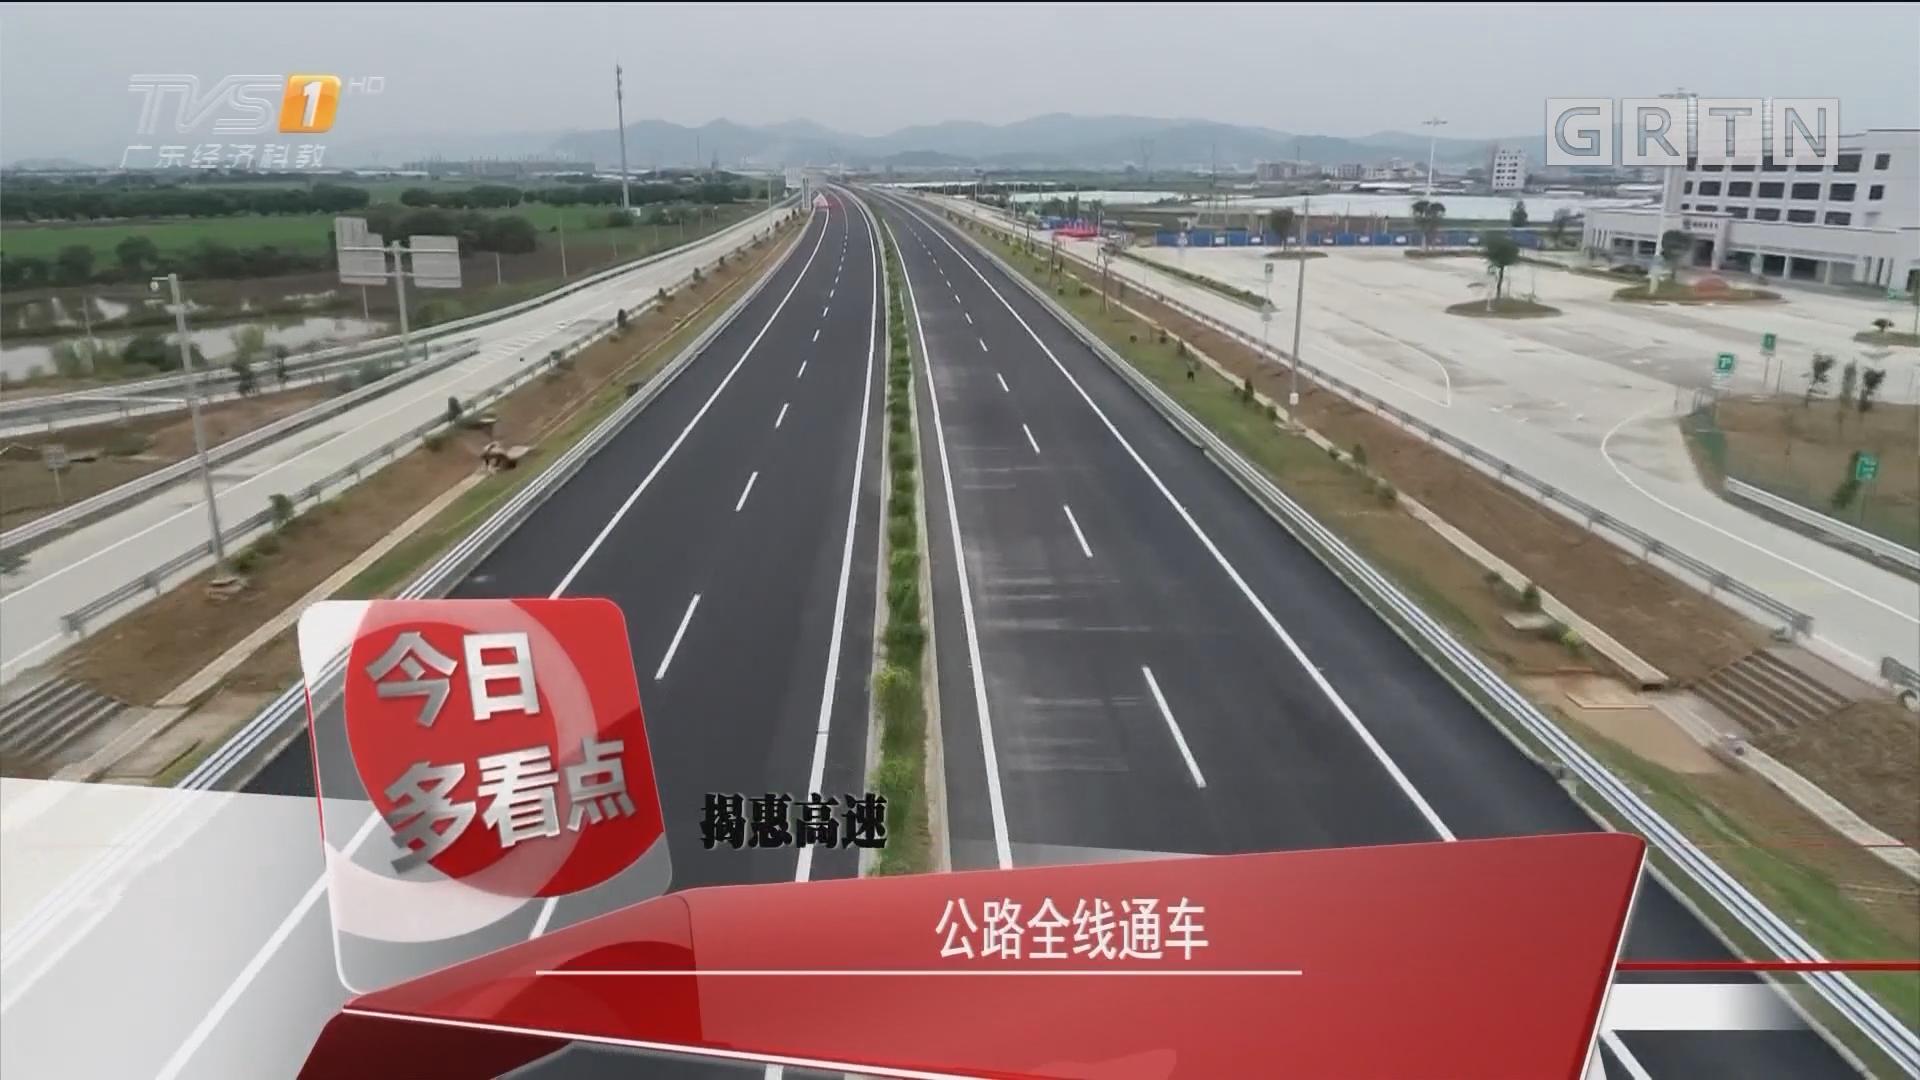 揭惠高速:公路全线通车